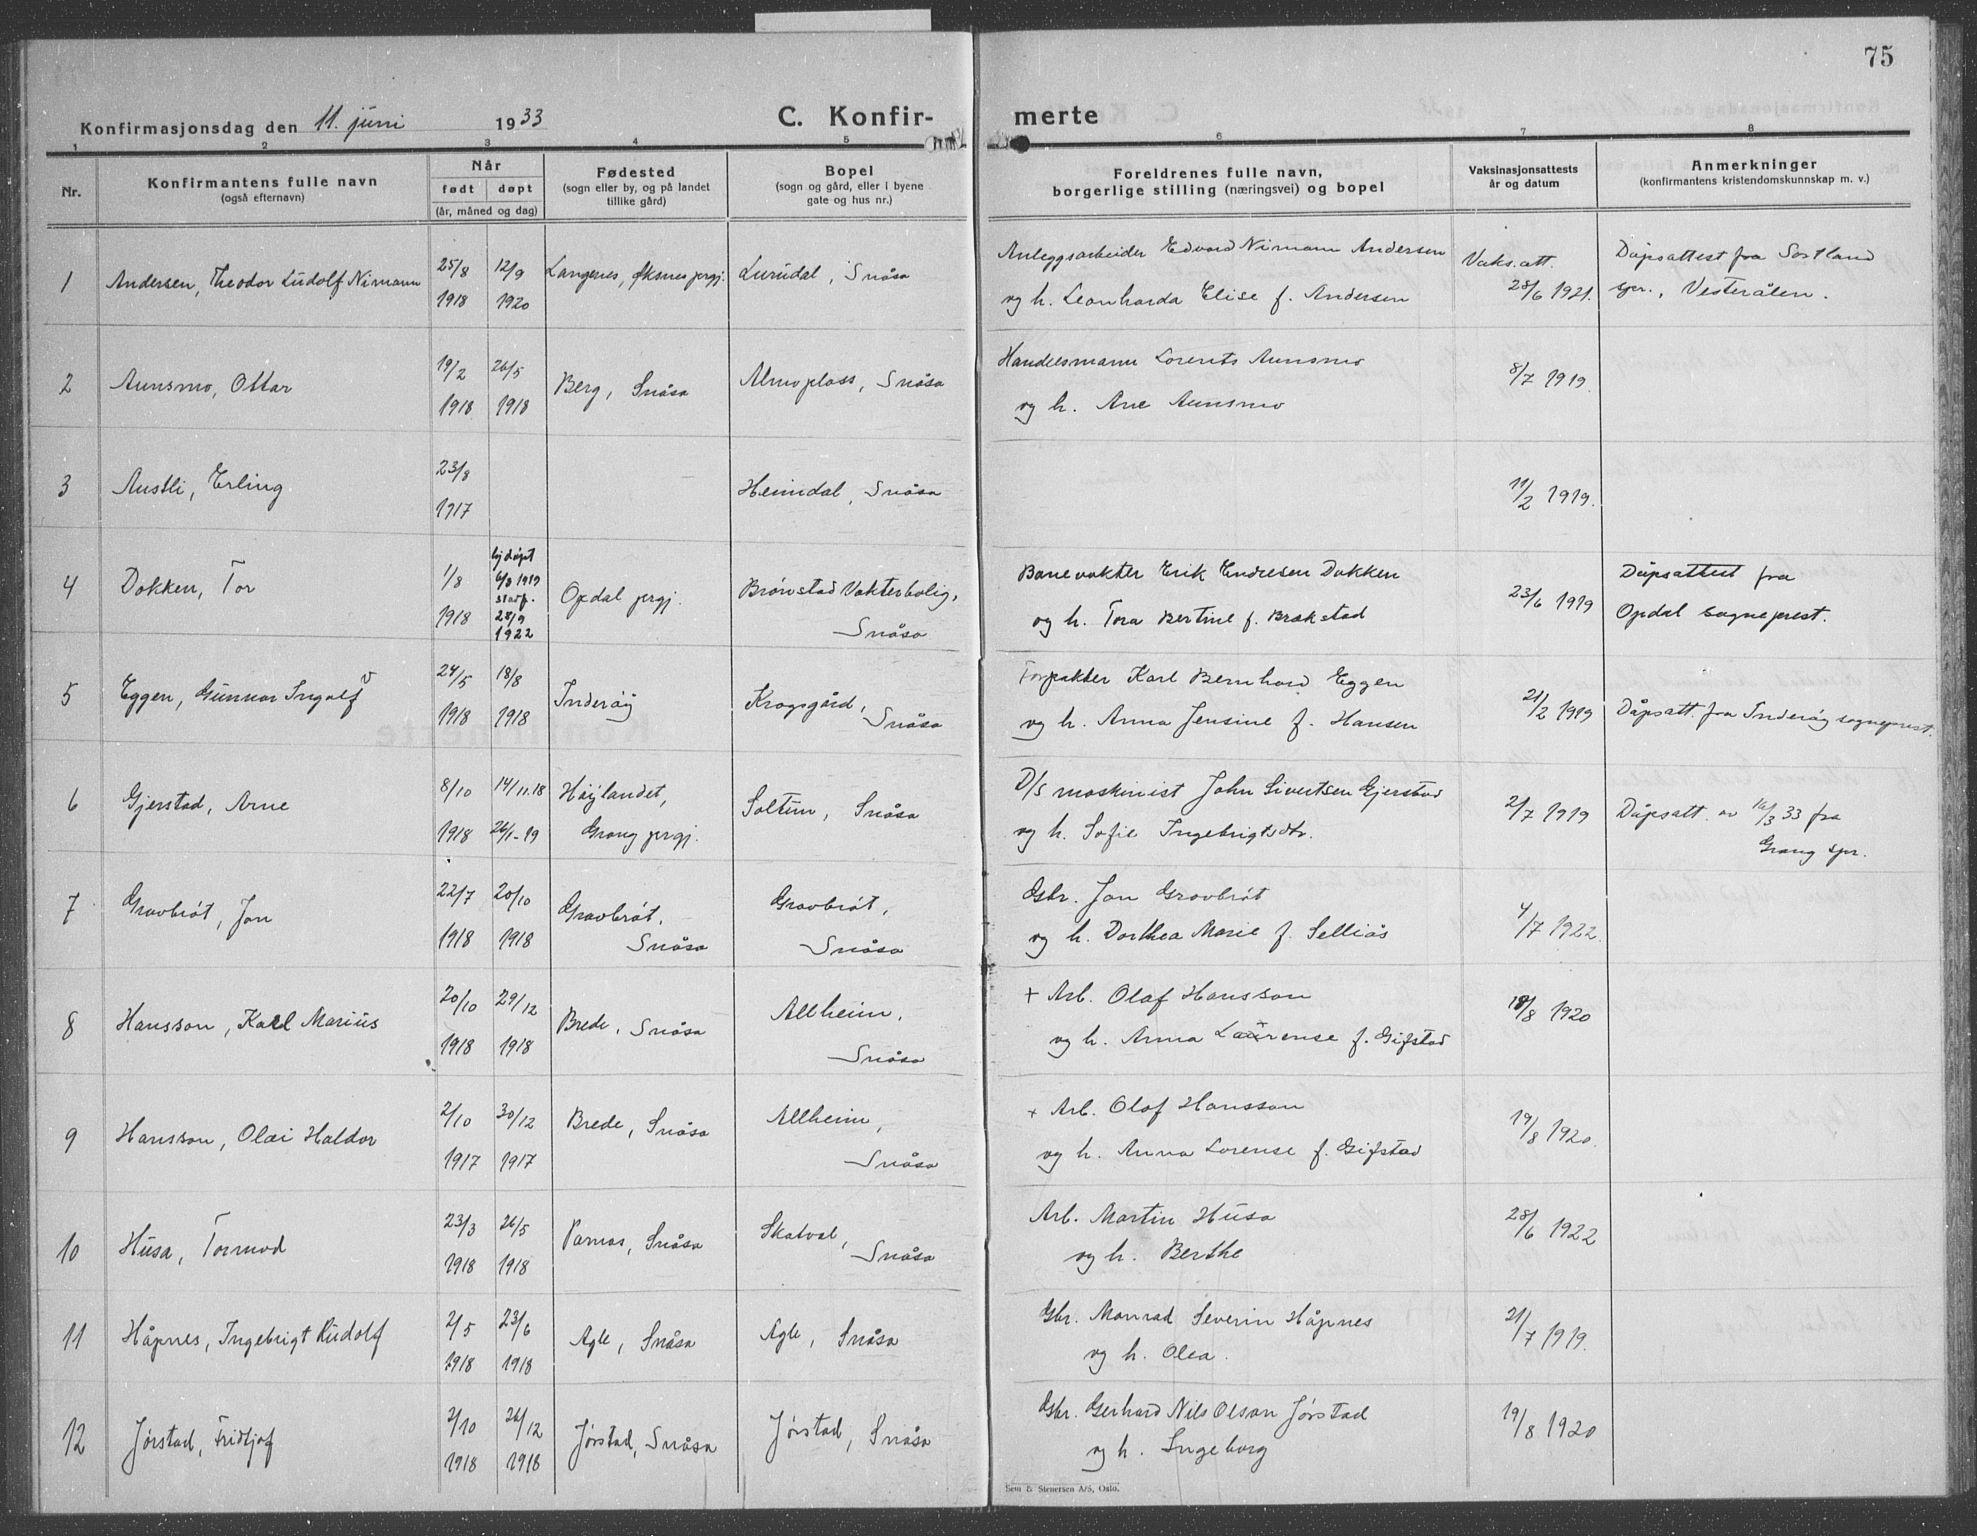 SAT, Ministerialprotokoller, klokkerbøker og fødselsregistre - Nord-Trøndelag, 749/L0481: Klokkerbok nr. 749C03, 1933-1945, s. 75